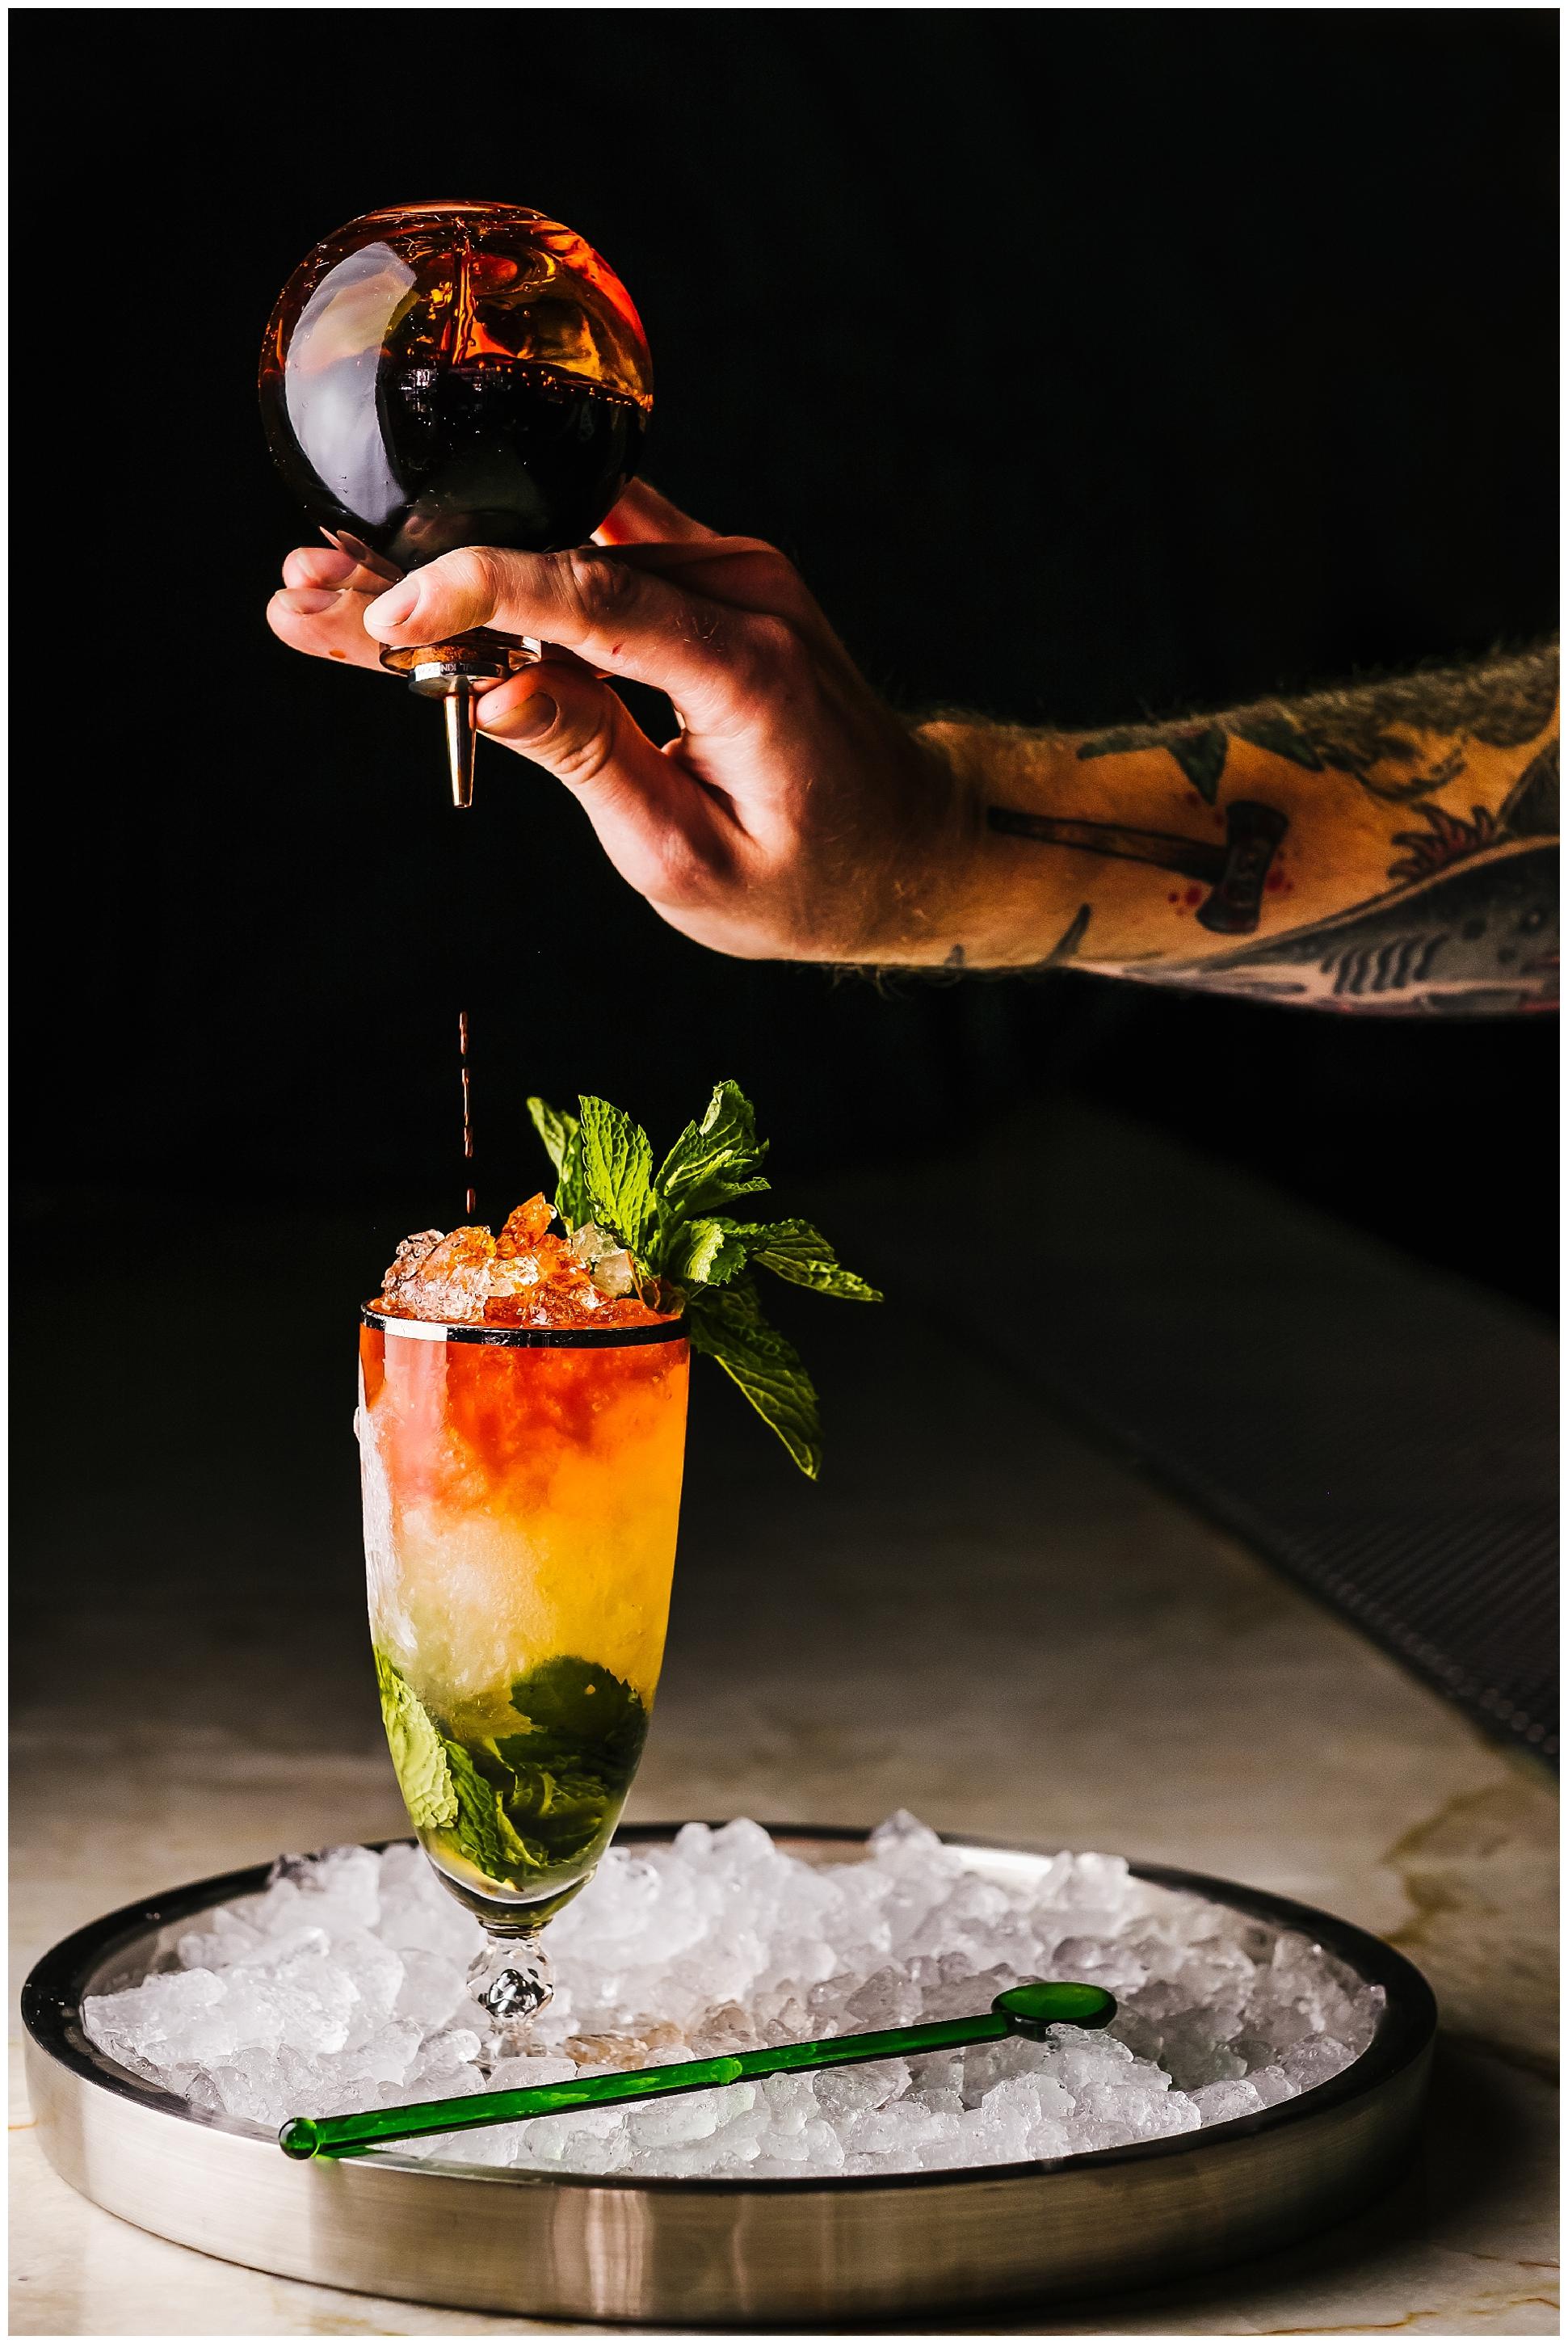 hotel-bar-food-cocktails_5.jpg